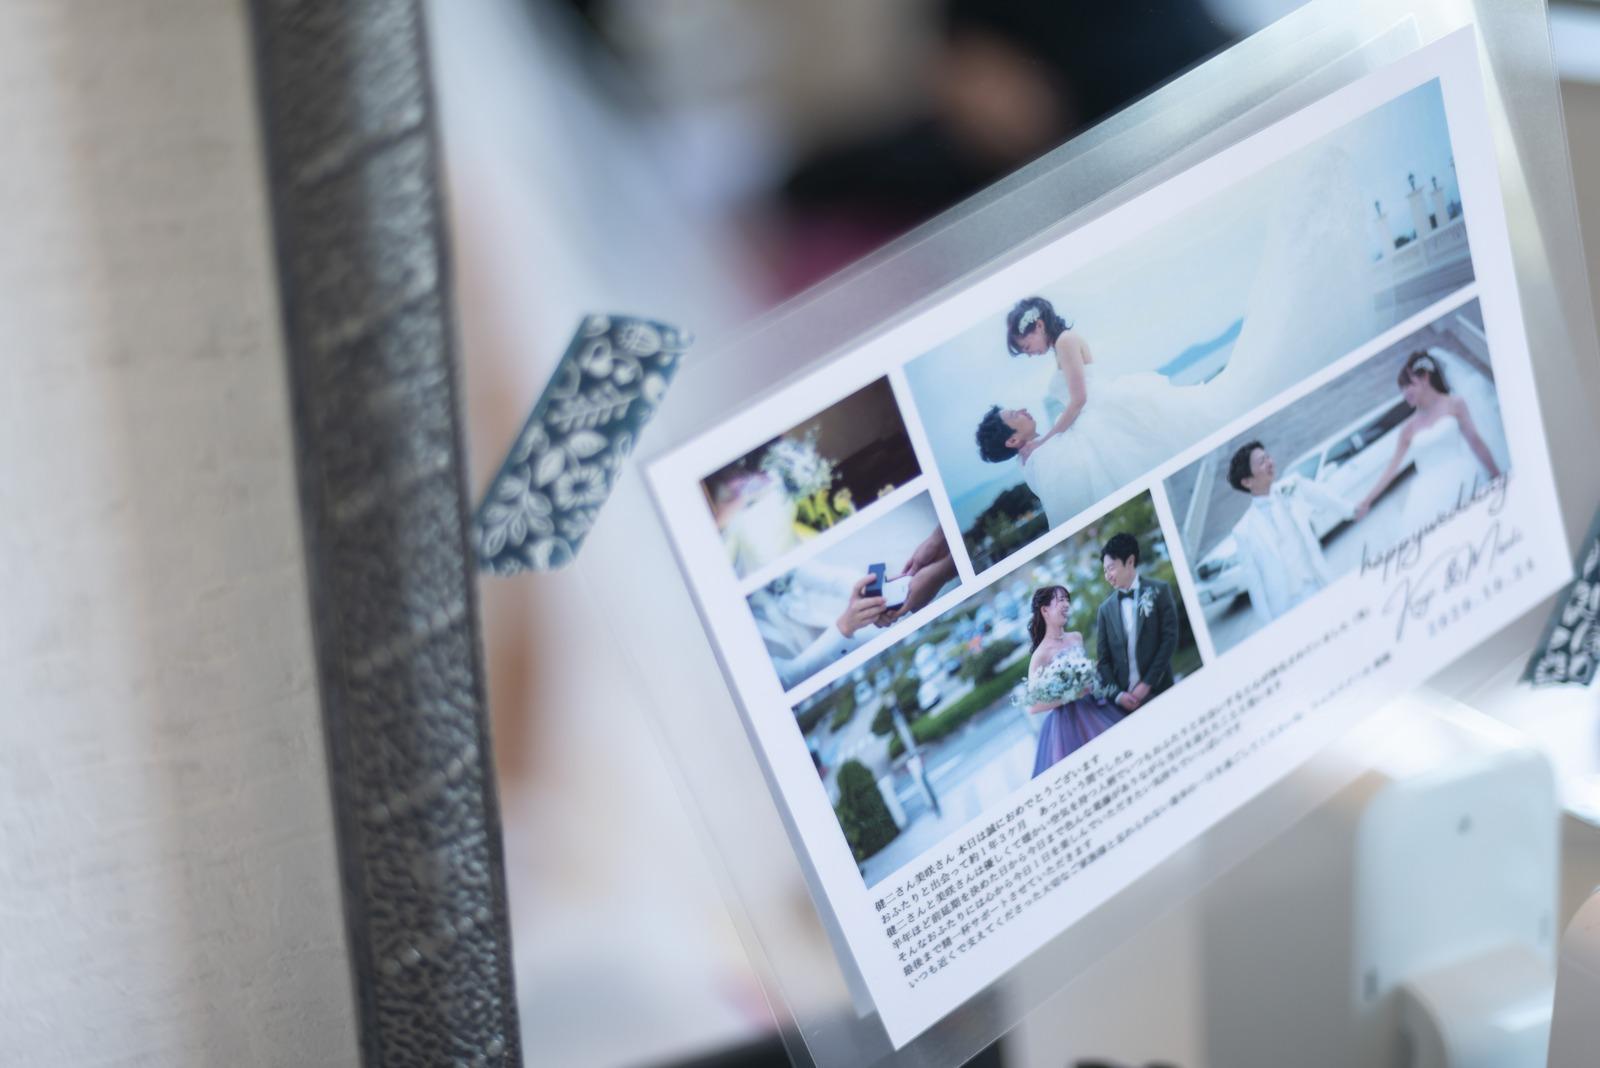 香川県の結婚式場シェルエメール&アイスタイルのプランナーからの手紙